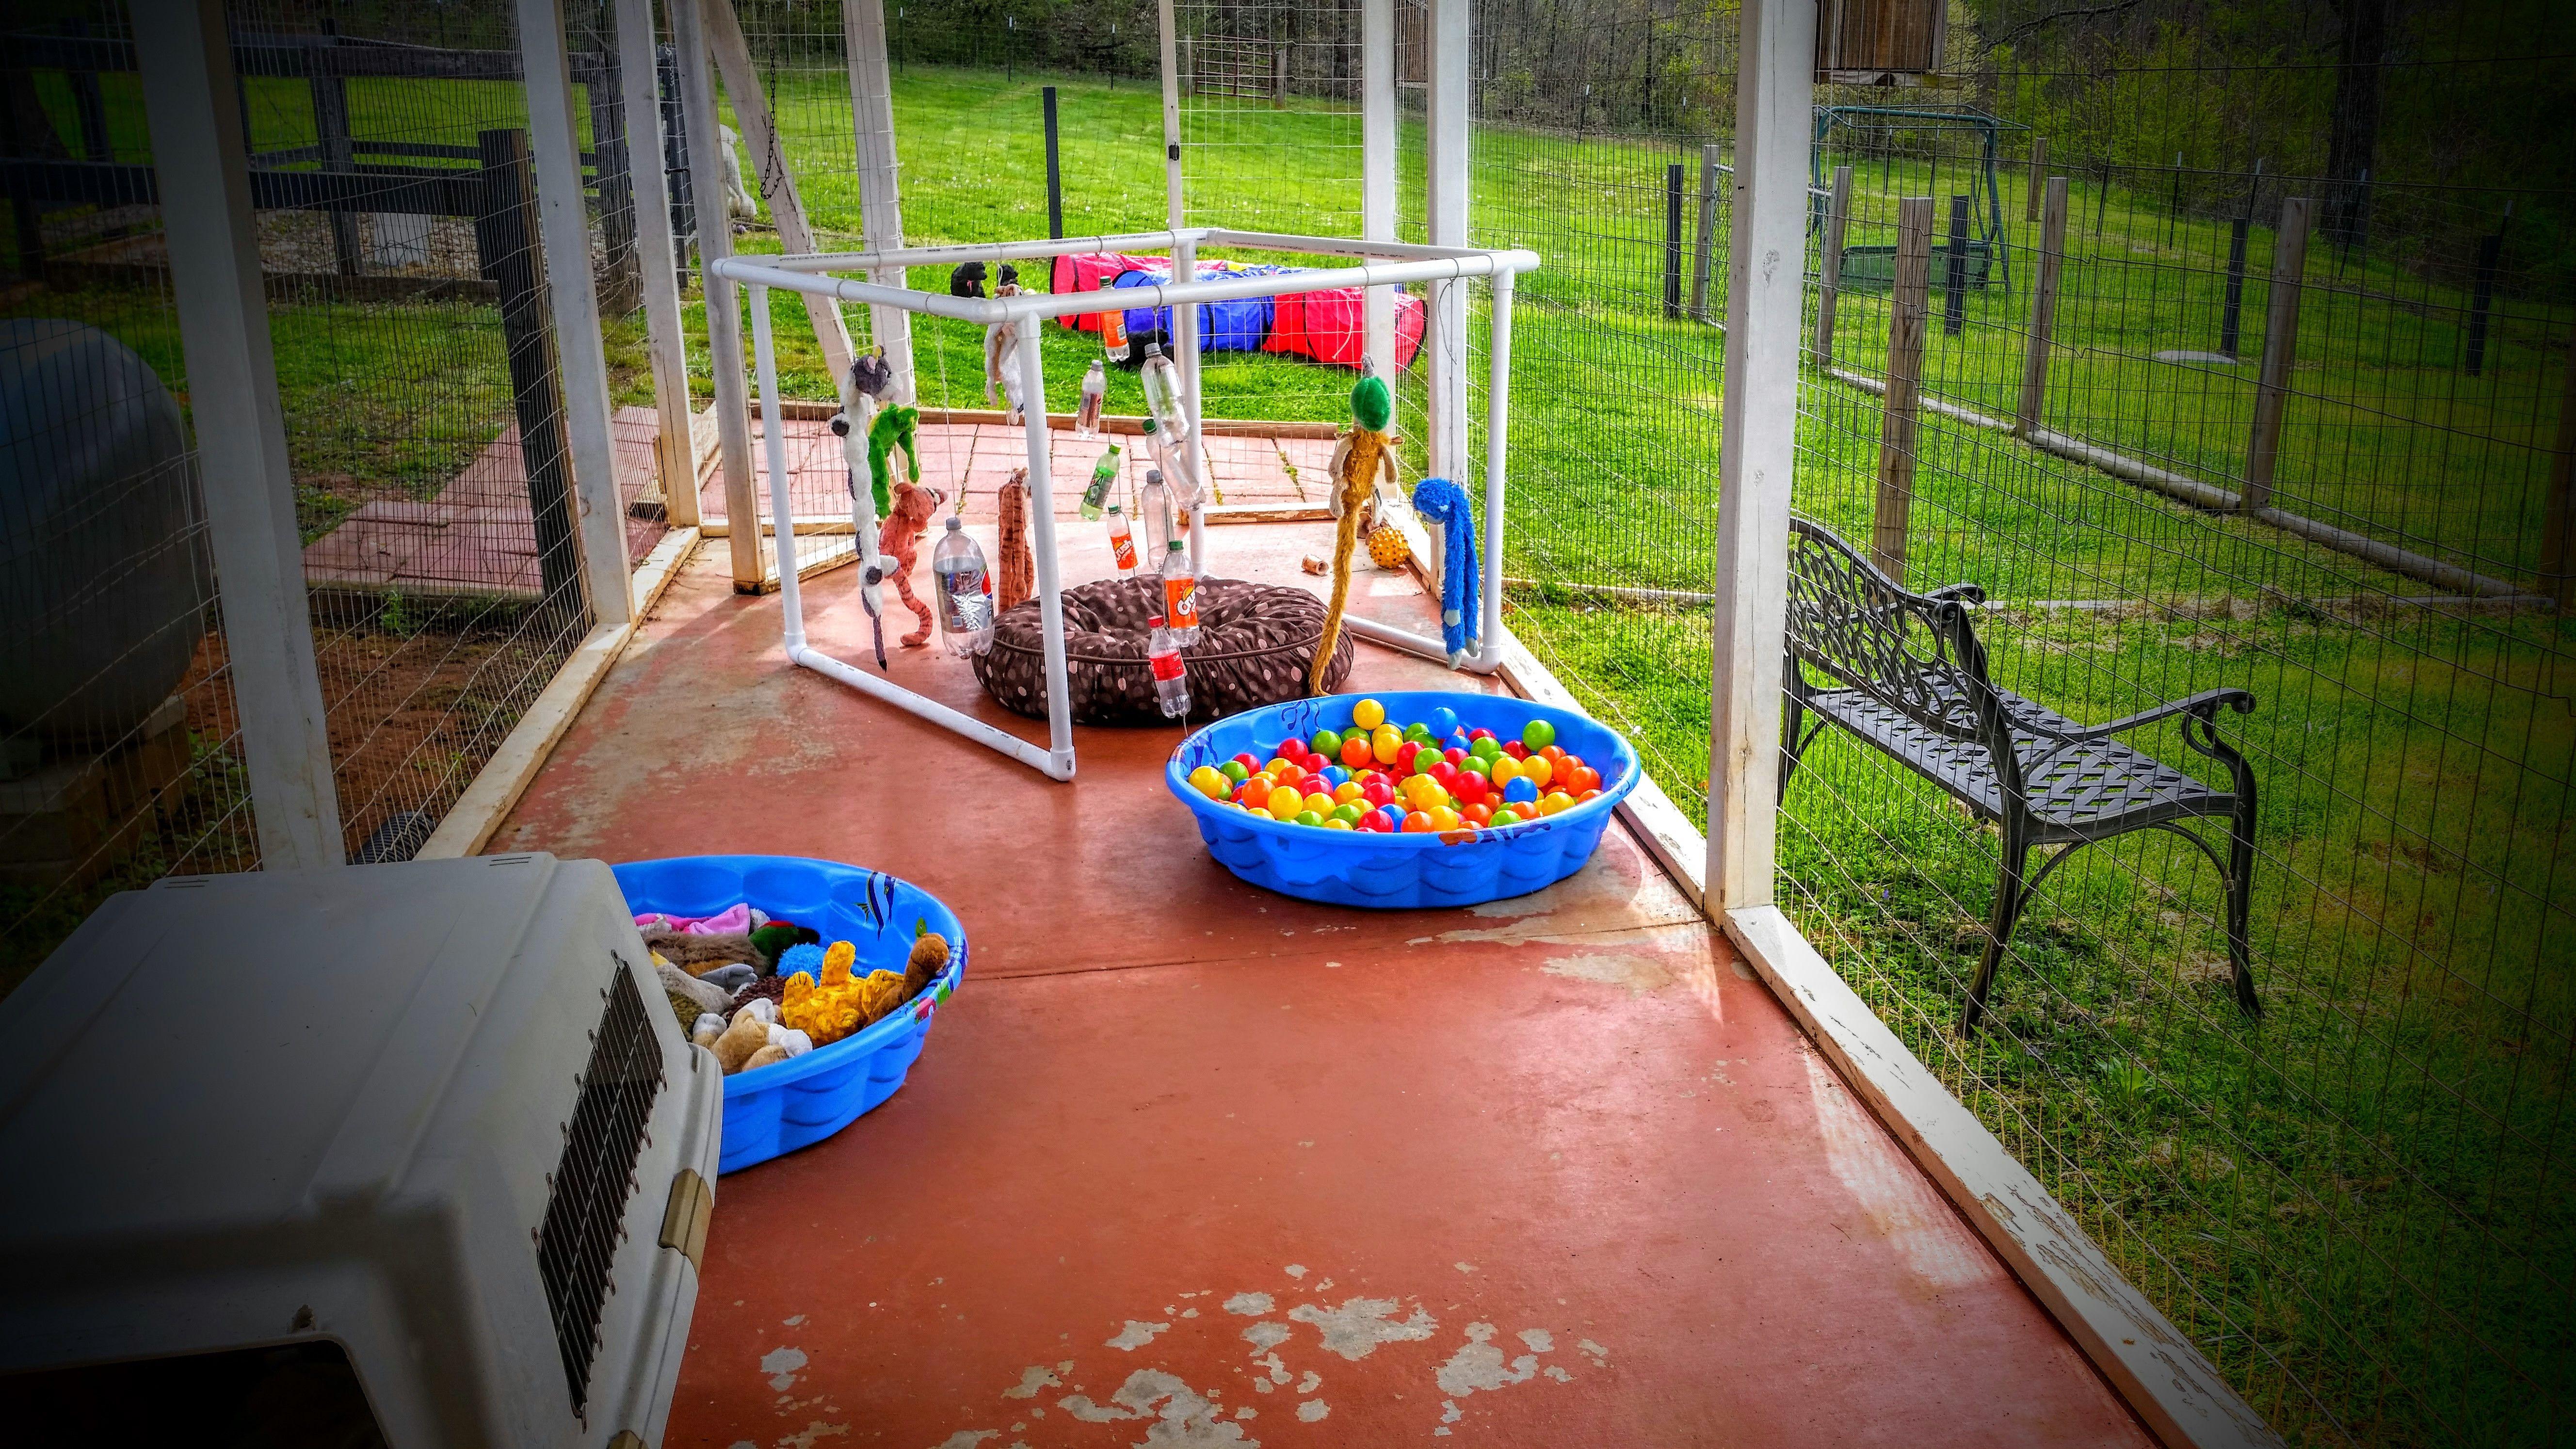 The Puppy Playground Dog Playground Puppy Playground Diy Dog Stuff Diy backyard dog playground